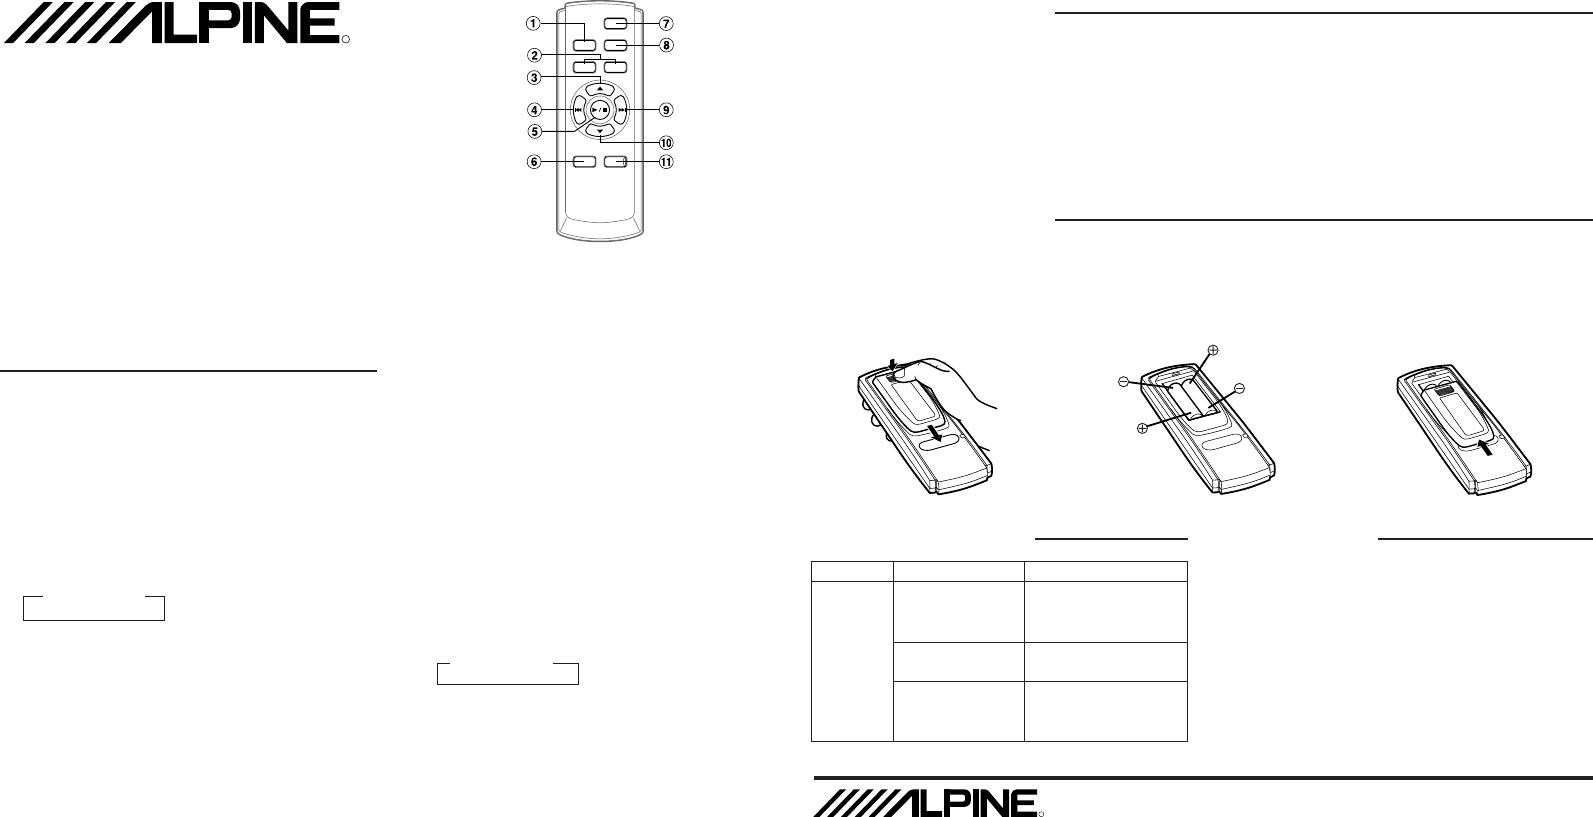 Bedienungsanleitung Alpine RUE-4202 (Seite 1 von 2) (Englisch)